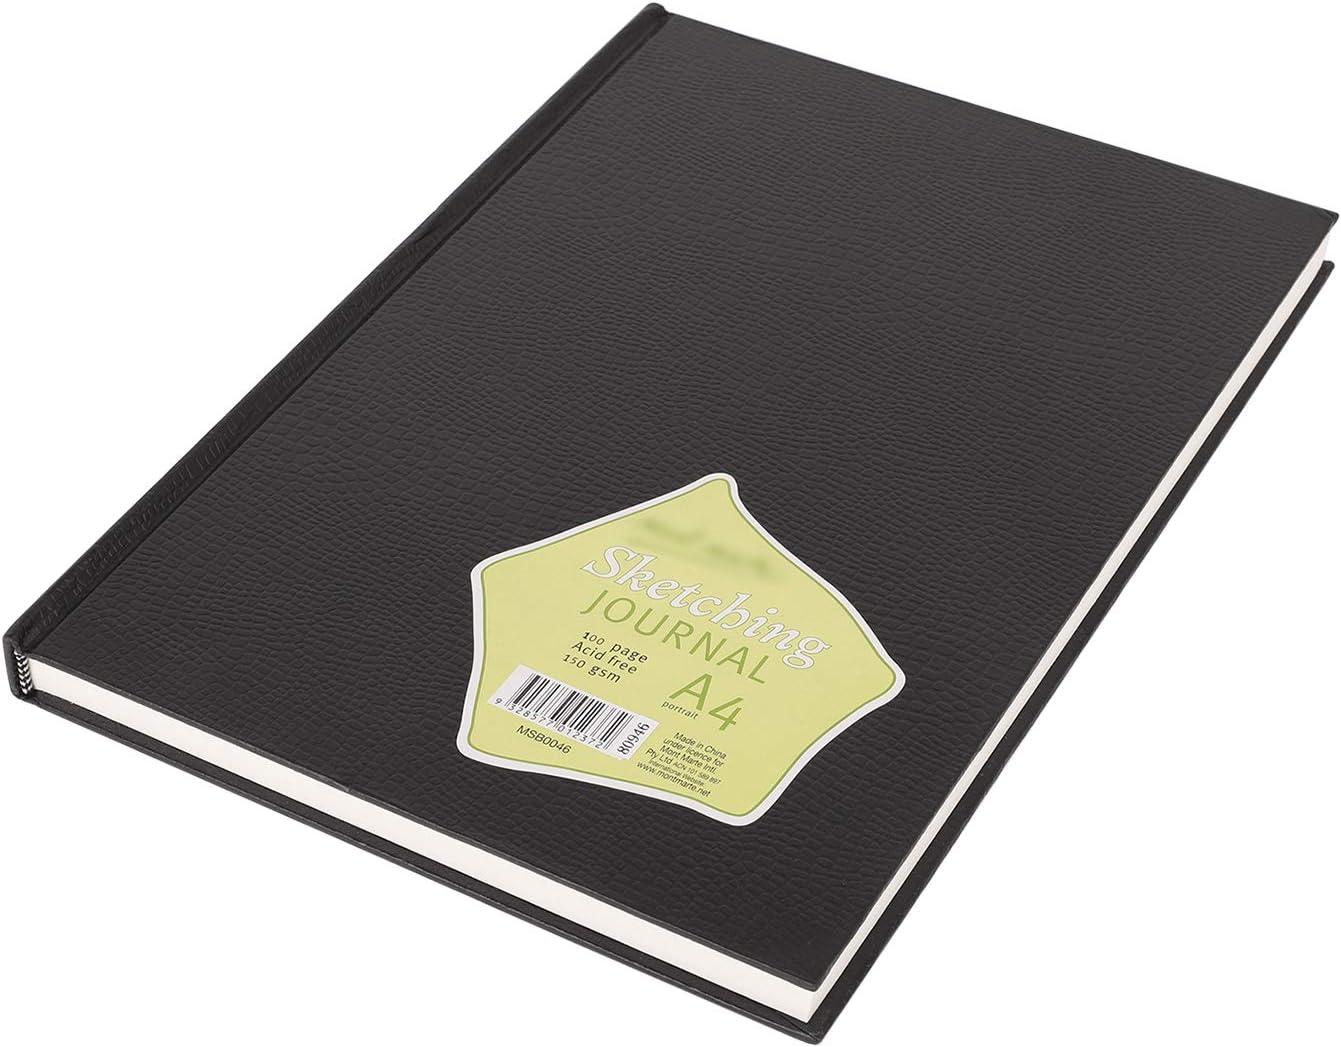 dibujar escribir etc. dibujar dibujar dibujar dibujar dibujar Cuaderno de tapa dura A4 con tapa dura para dibujar pintar